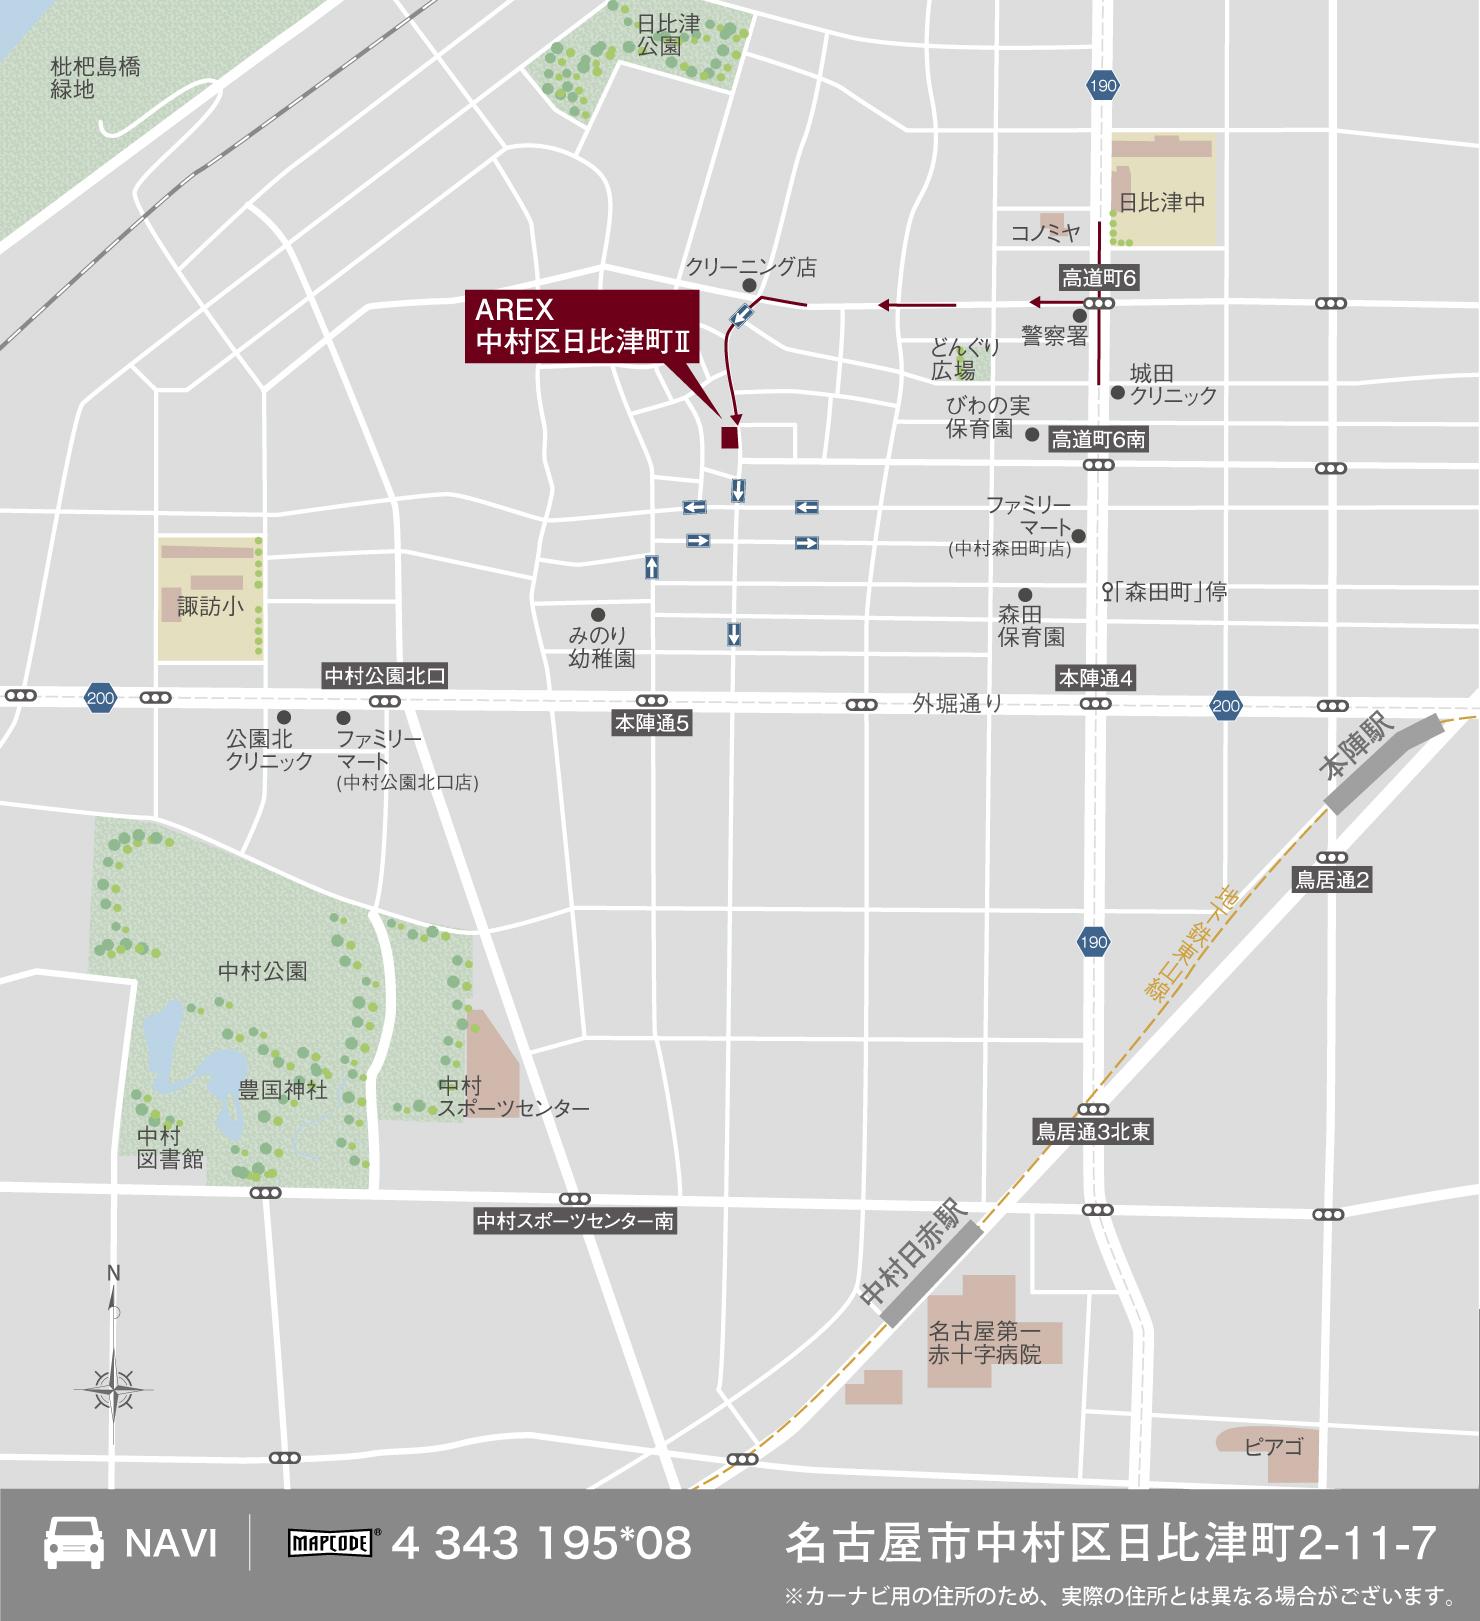 3_地図_中村区日比津町2